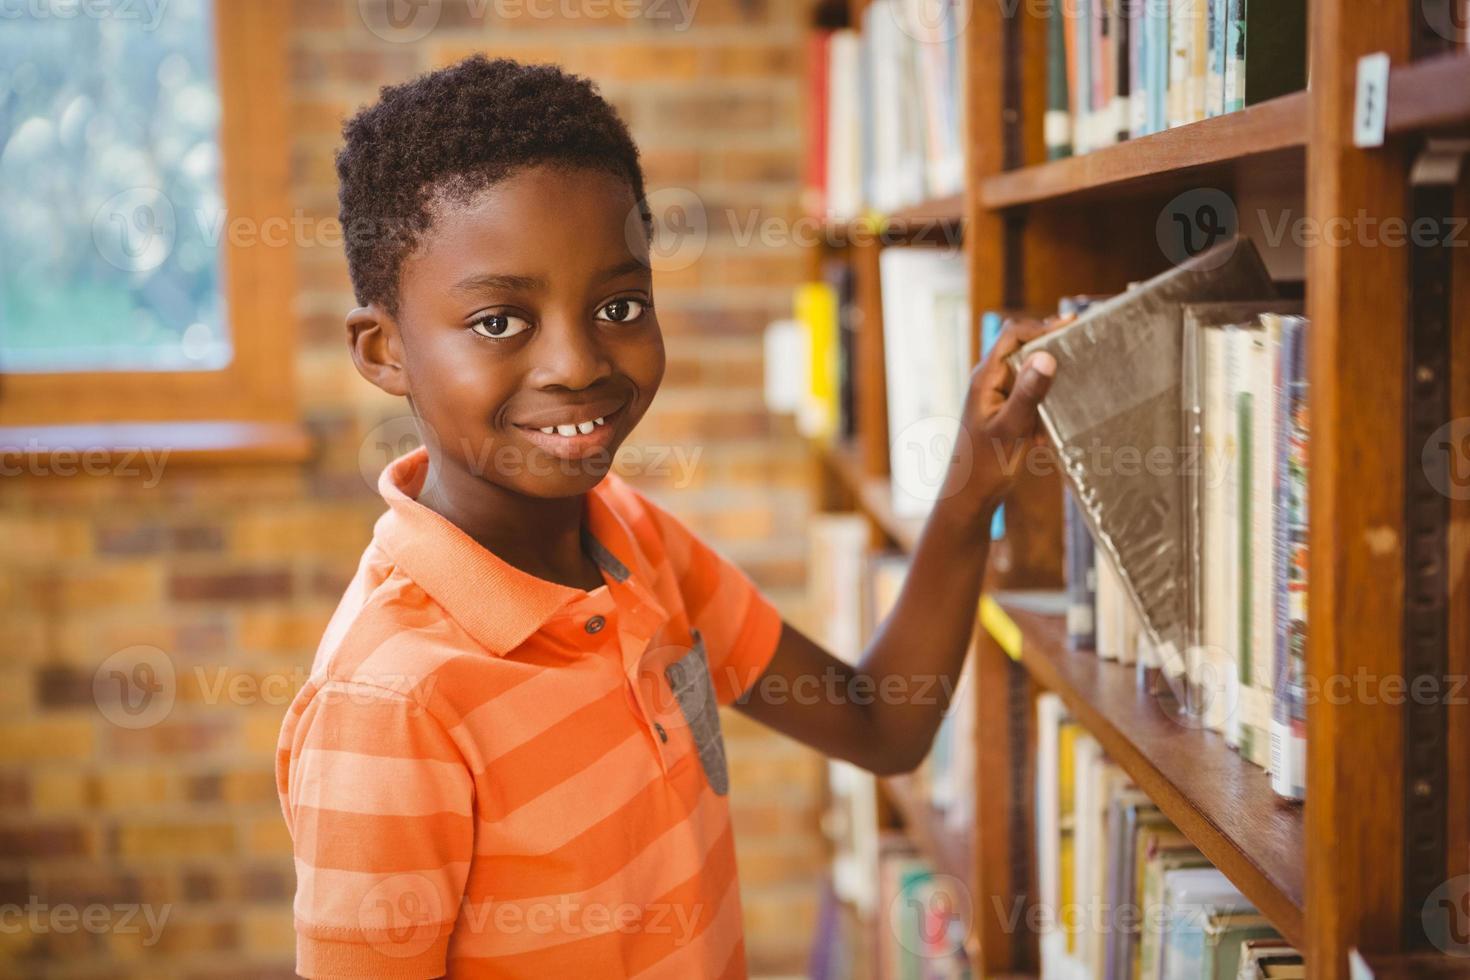 porträtt av pojken som väljer bok i biblioteket foto